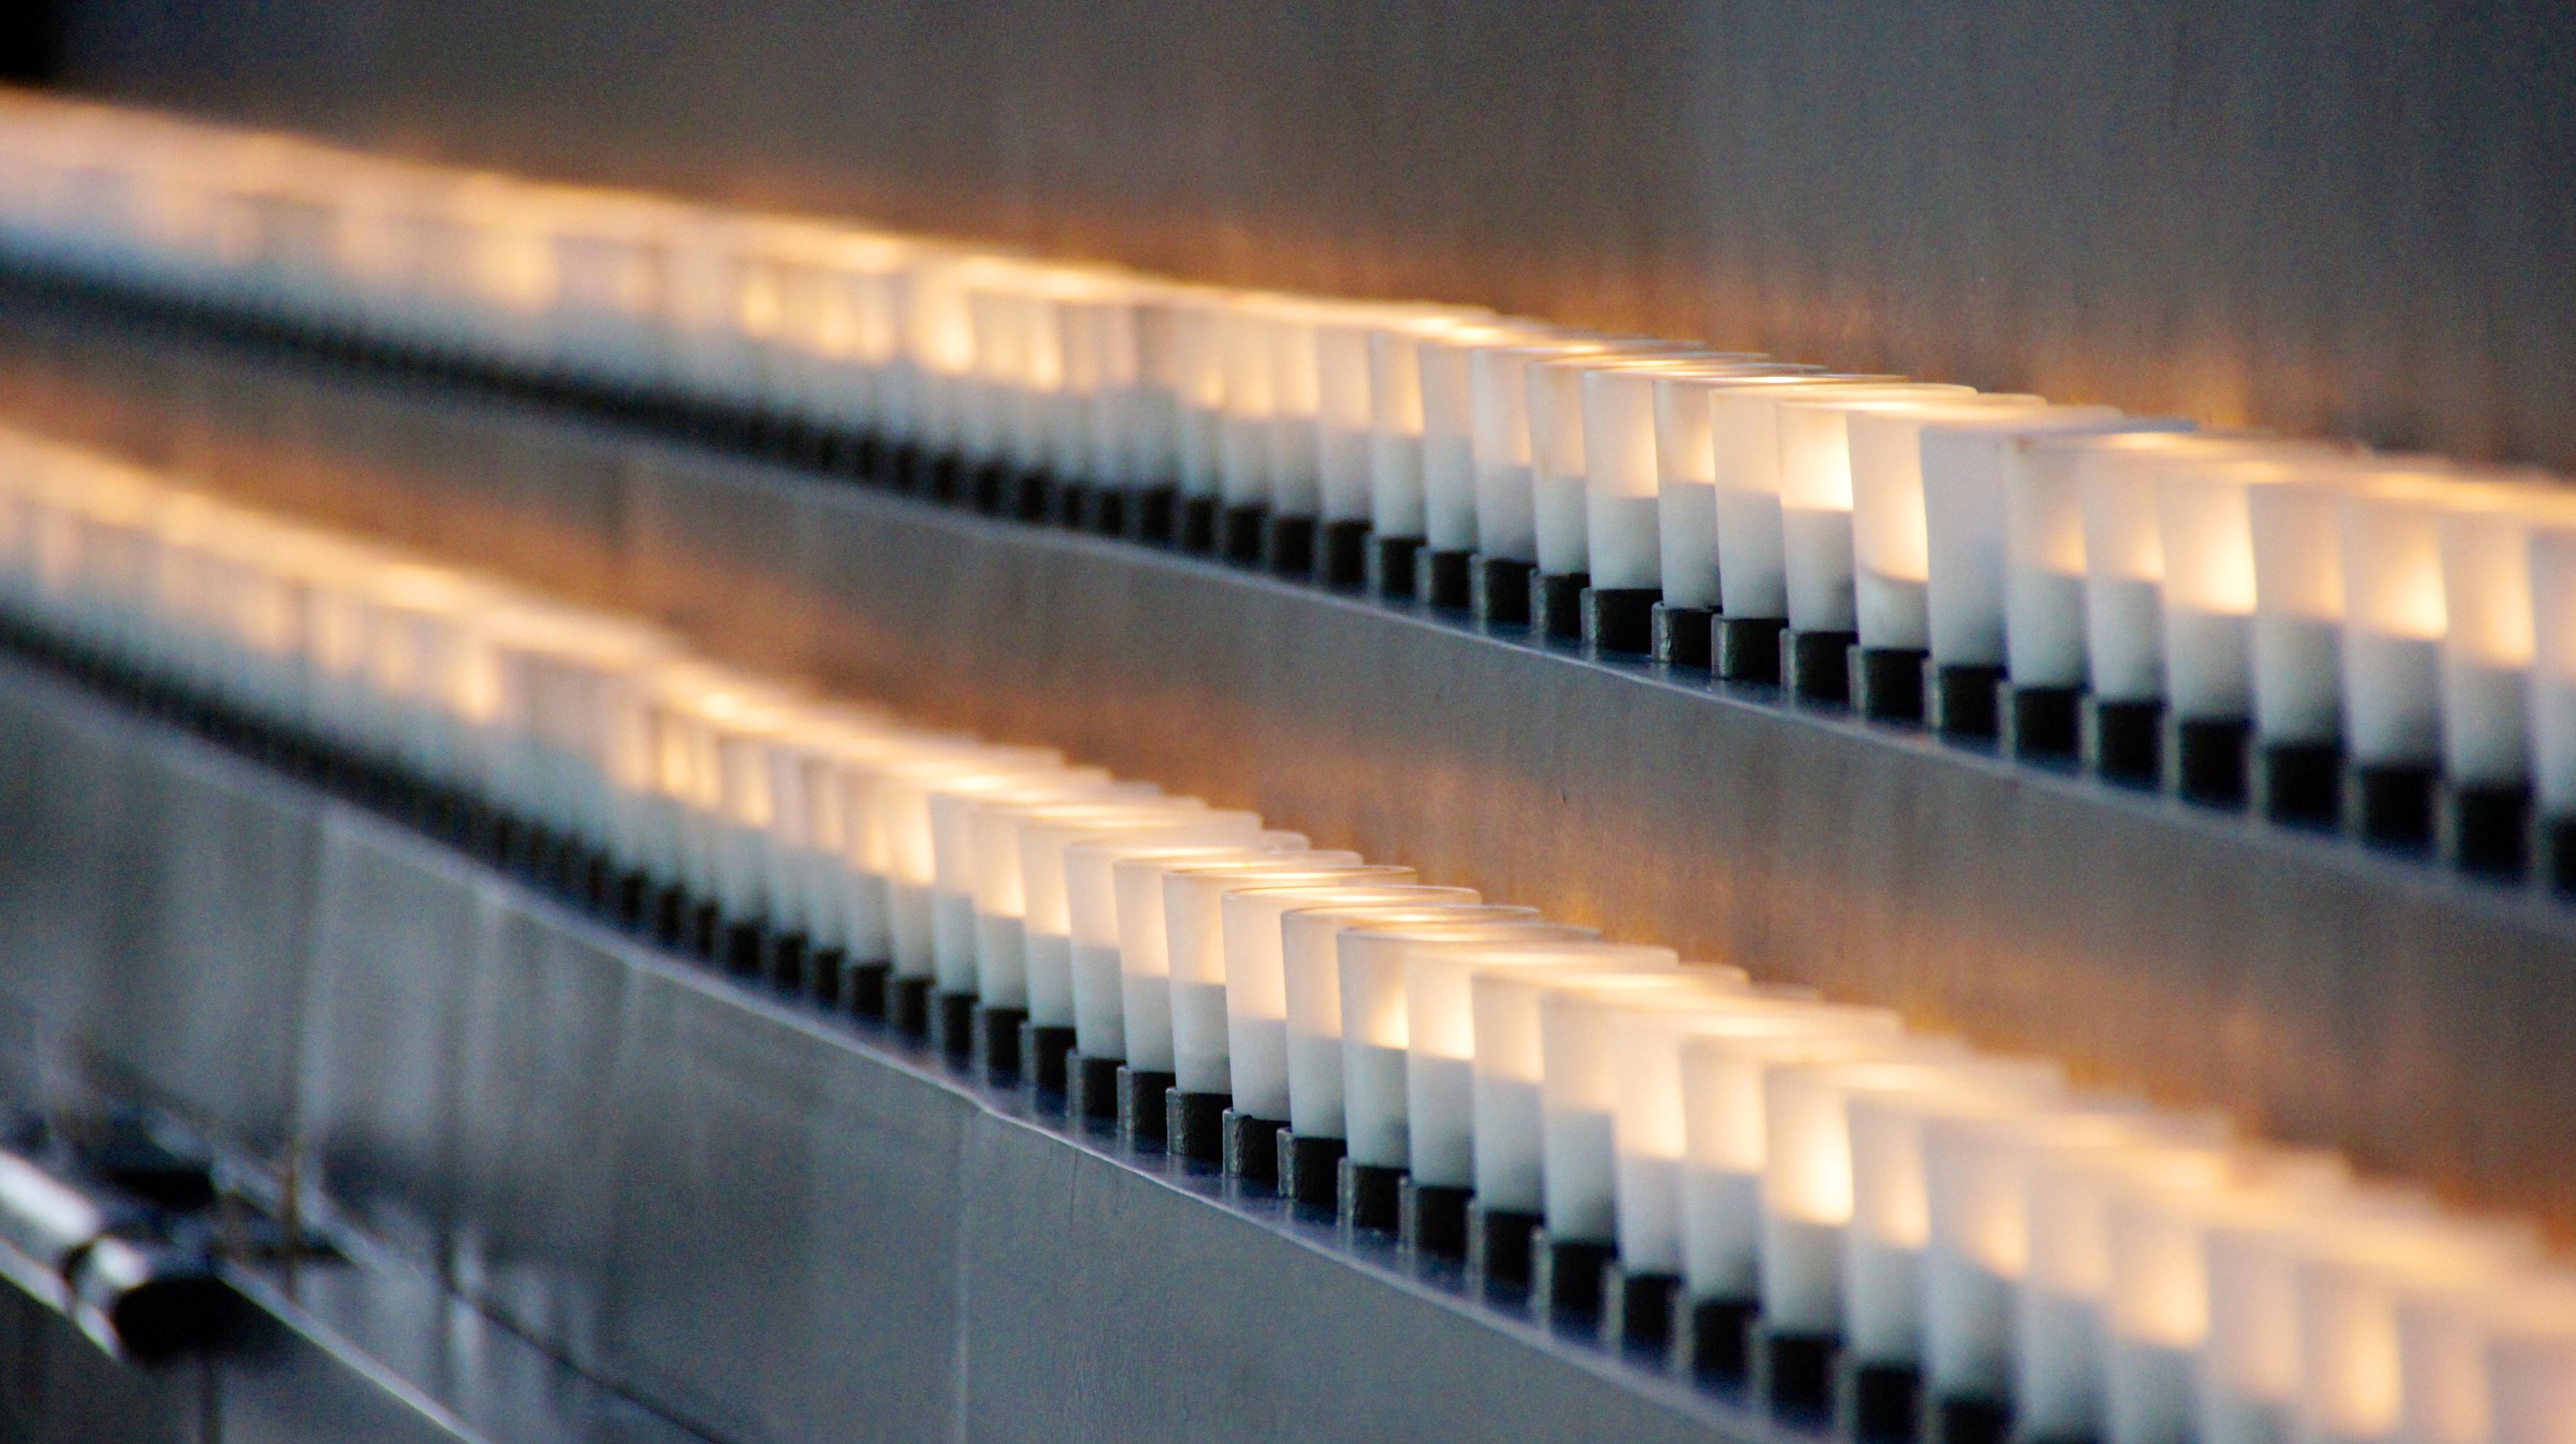 An arrangement of memorial candles